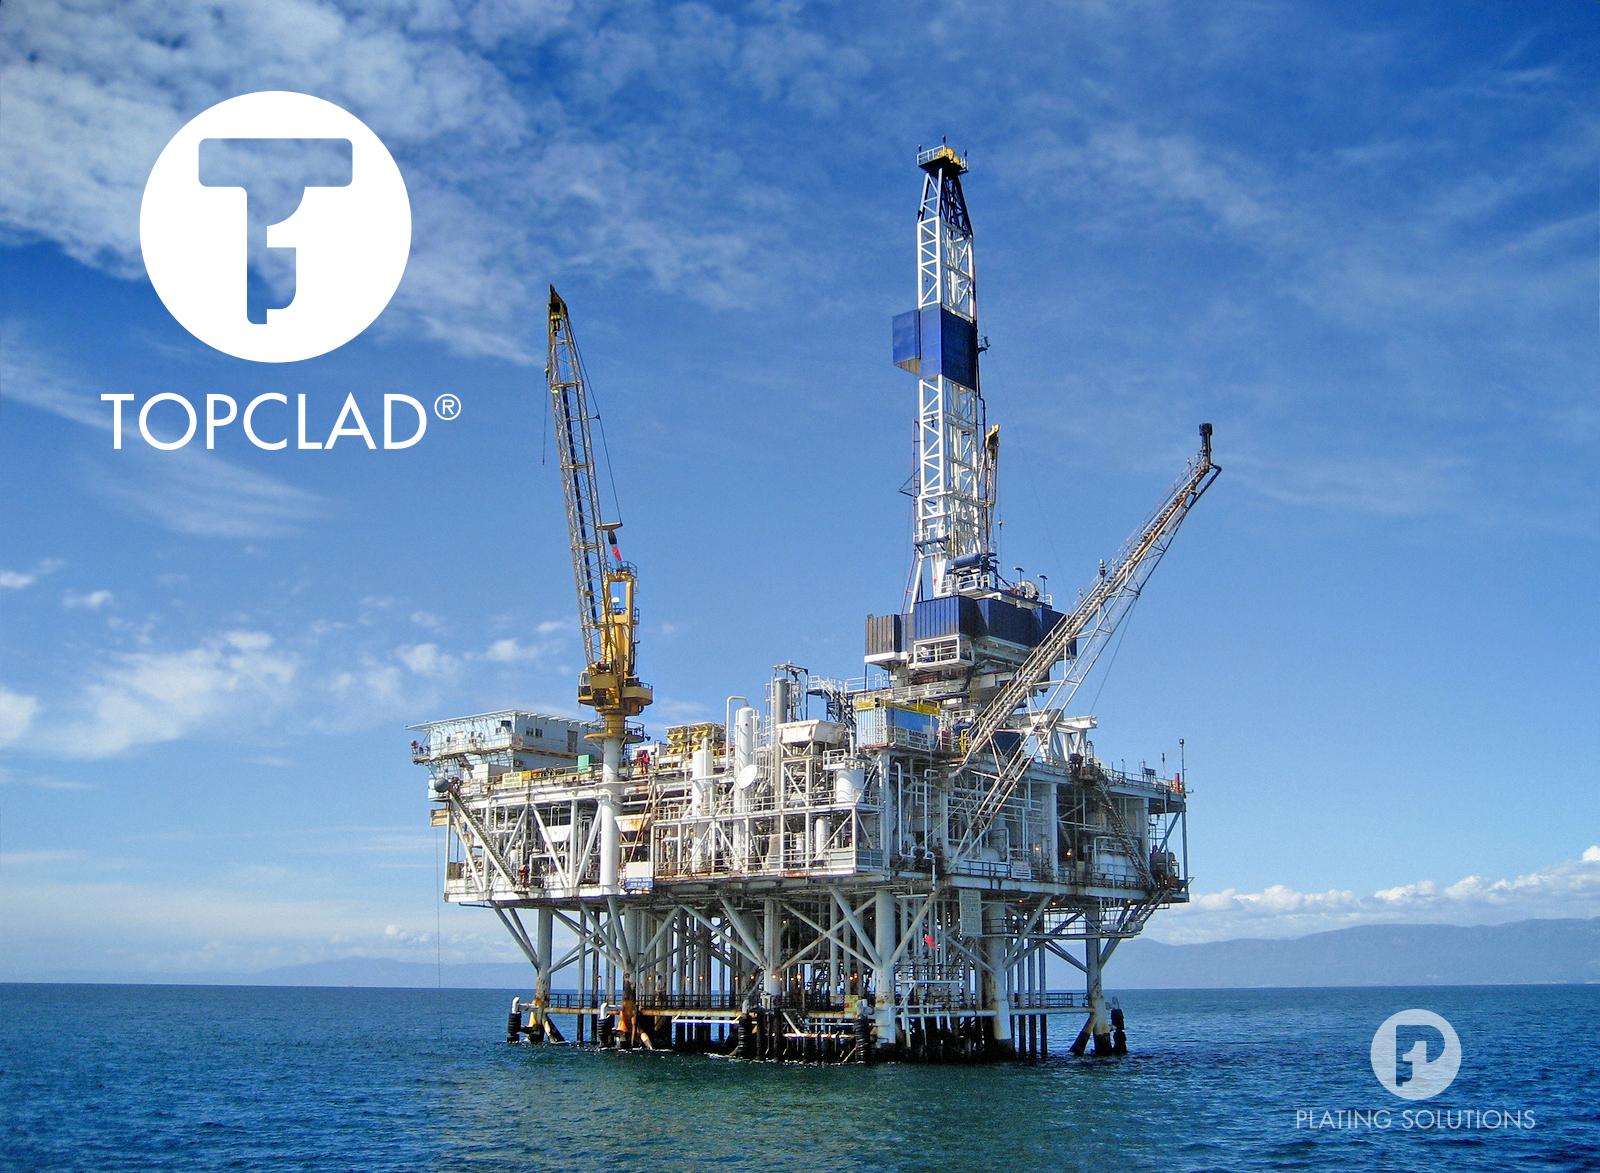 Topclad Plating Solutions Logo Identiteit Oil Rig Jobs Oil Rig Job Shop